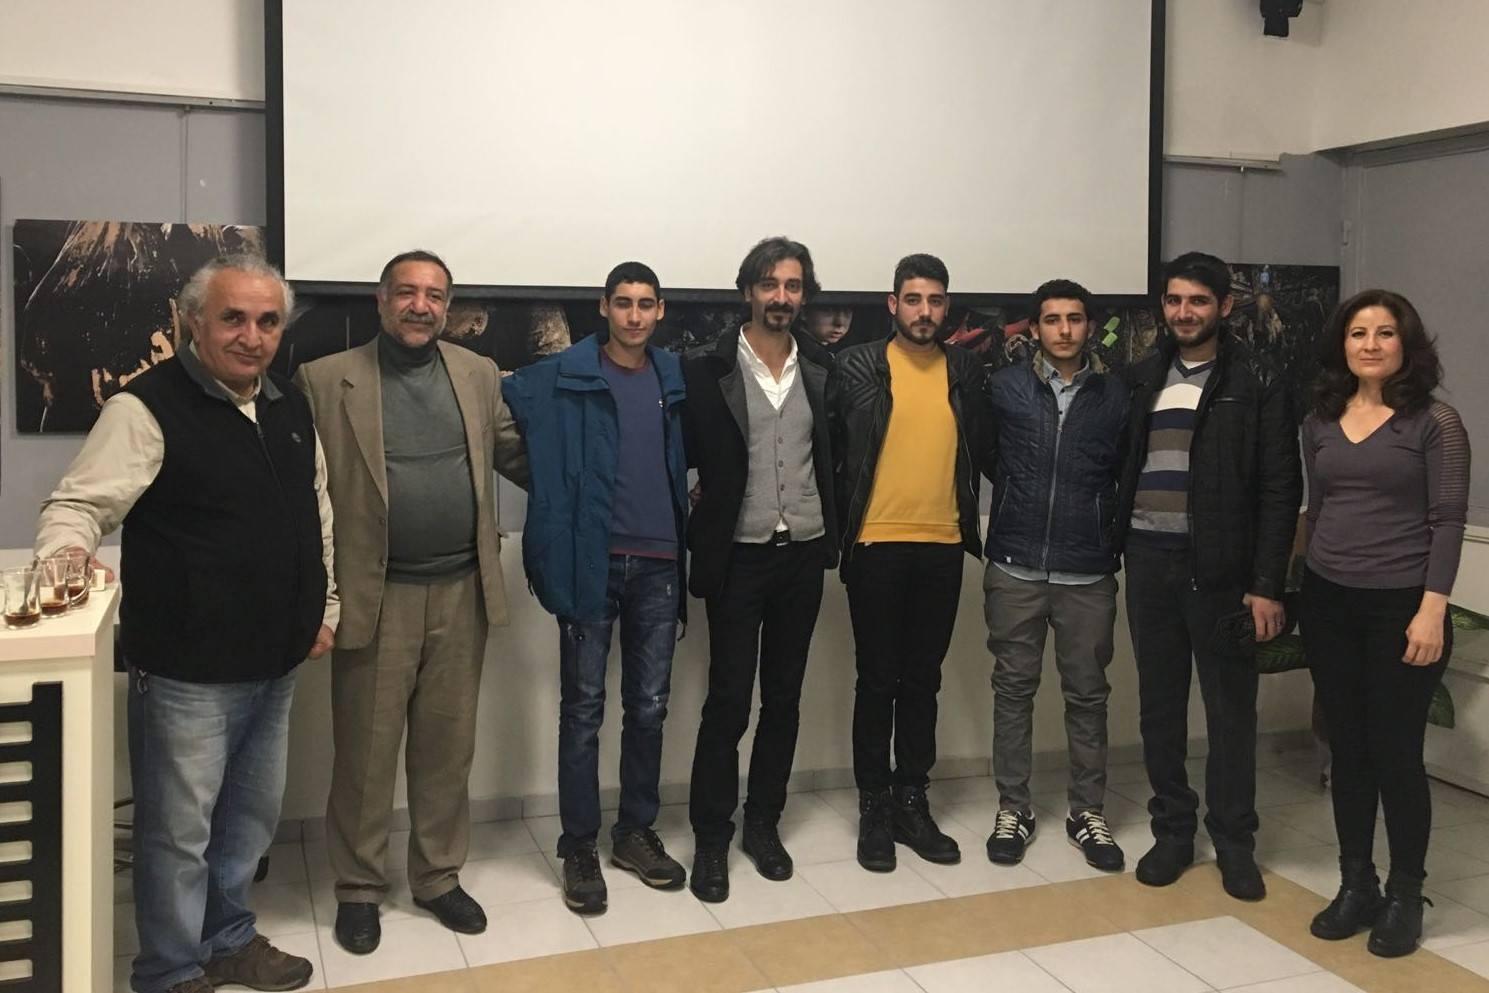 """Hülya KÜBLÜ, Selami TÜRK ve Zülfü GÜL'den """"CERE"""" Fotoğraf Gösterisi"""